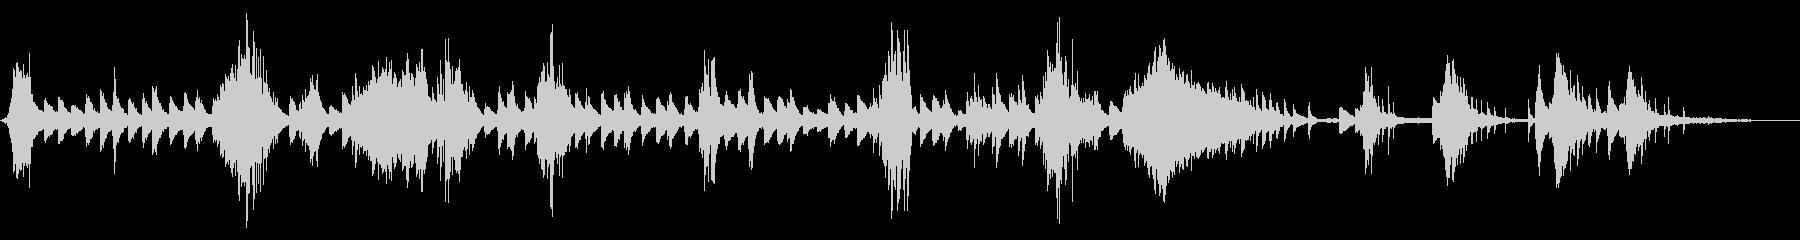 アドリブ風なピアノソロの叙情的なワルツの未再生の波形